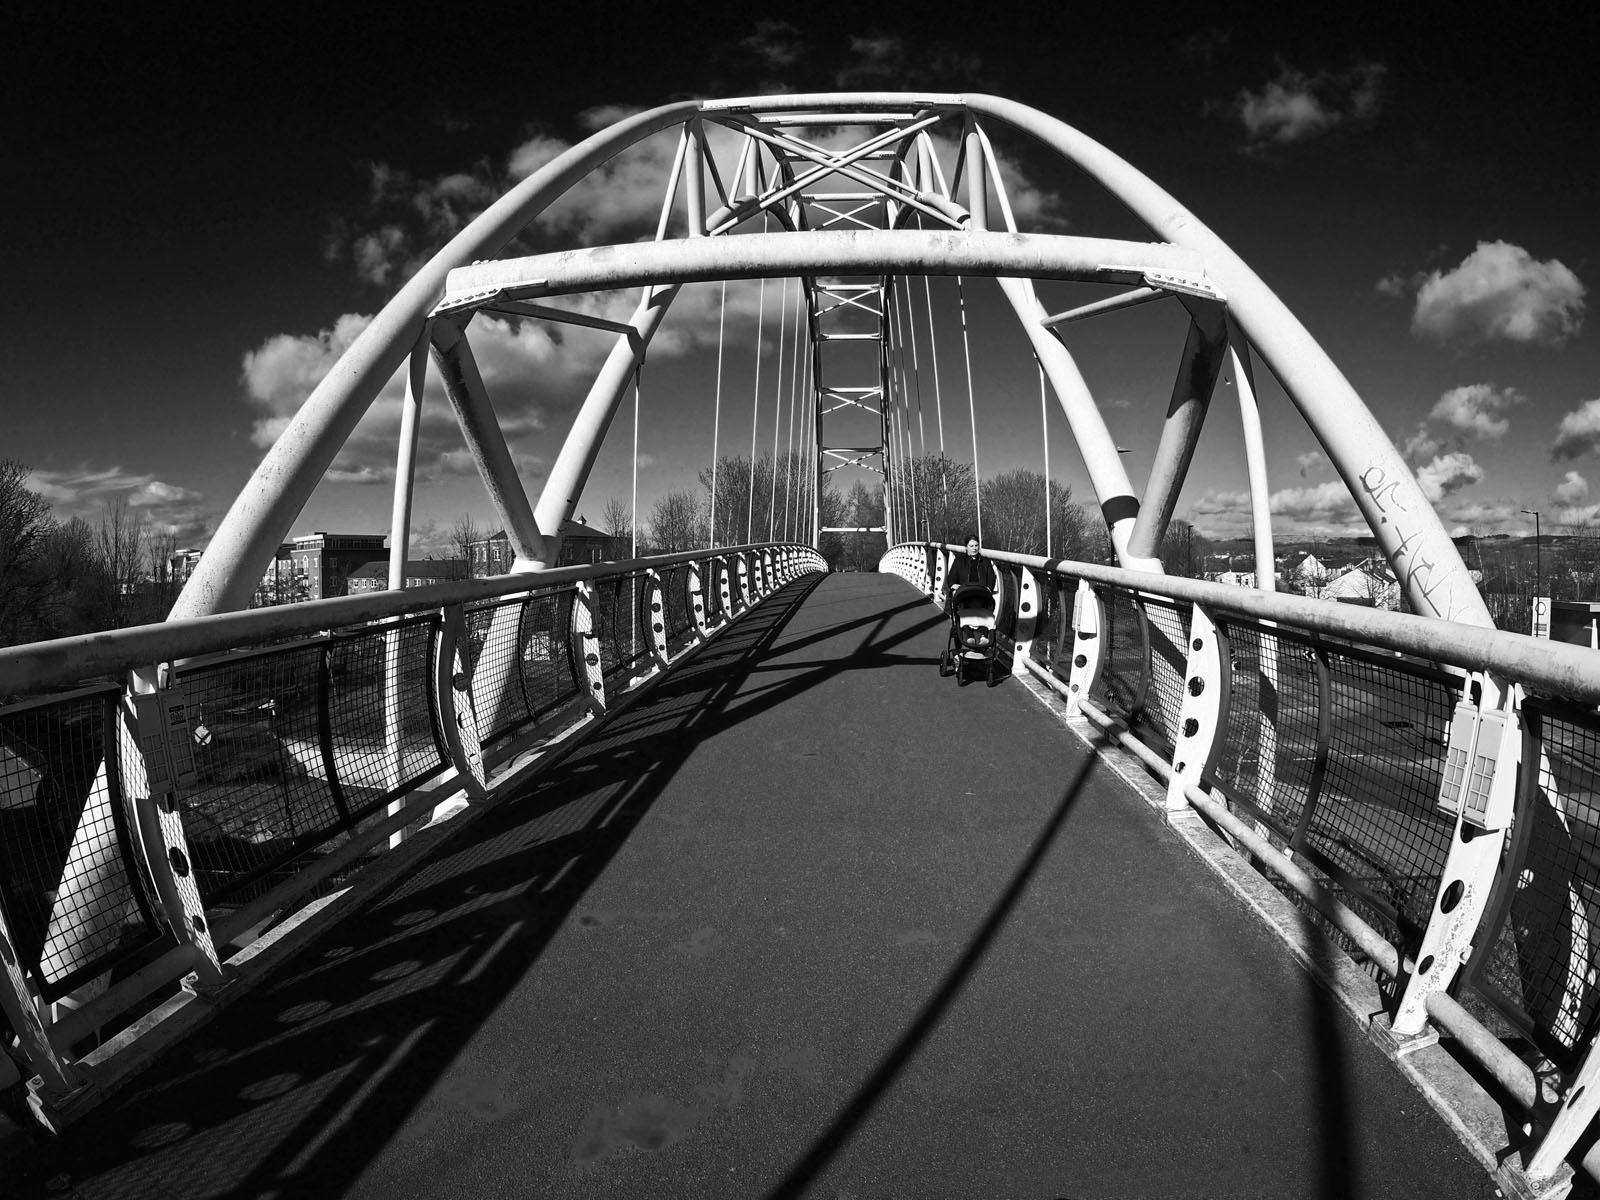 Millennium-Bridge_Peter_Covey-Crump